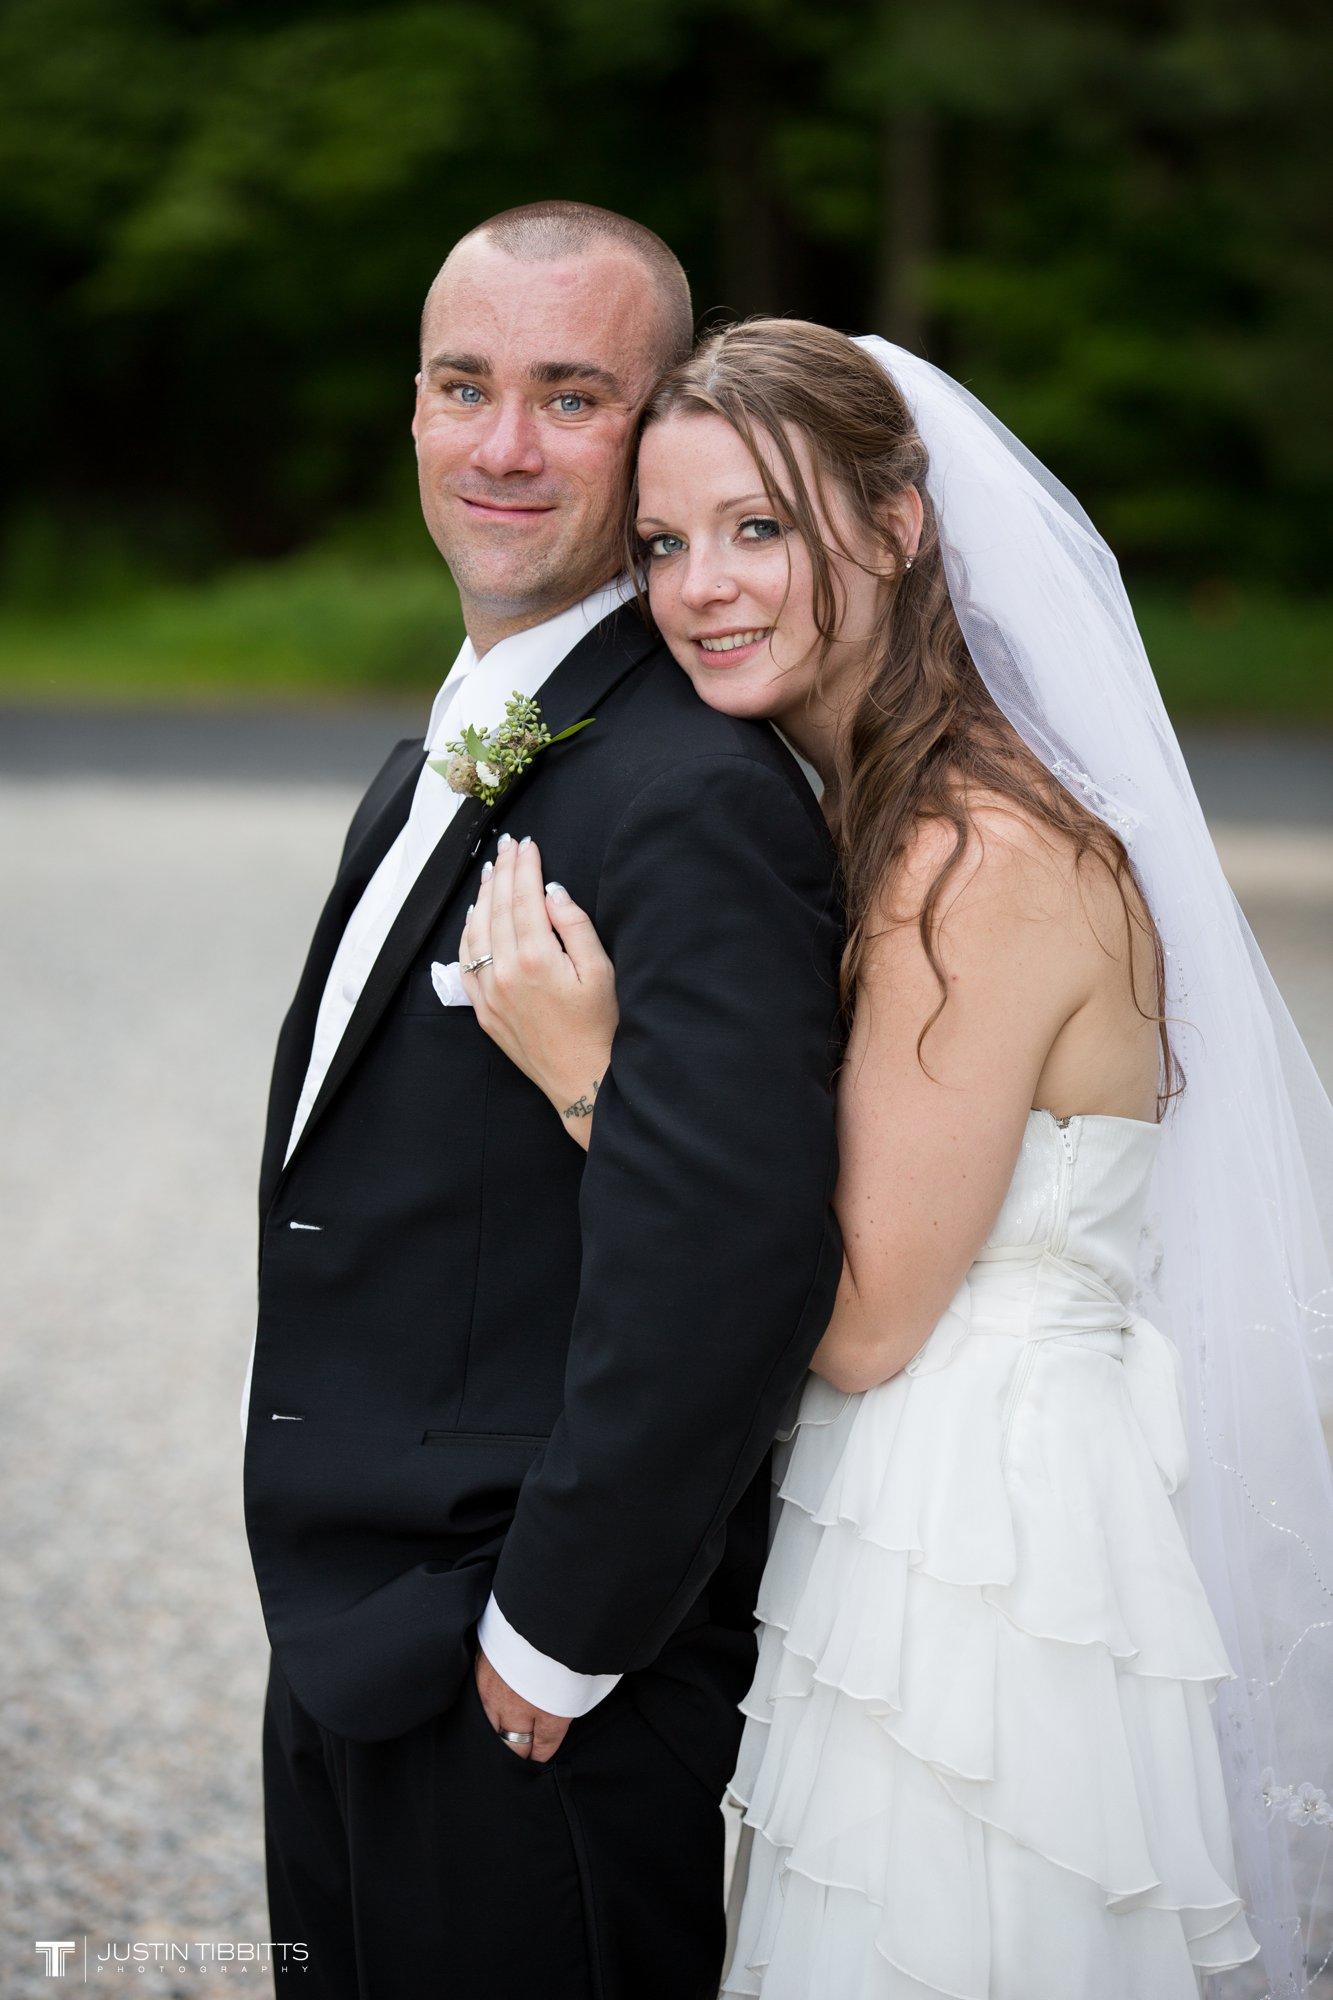 Albany NY Wedding Photographer Justin Tibbitts Photography 2014 Best of Albany NY Weddings-42614354